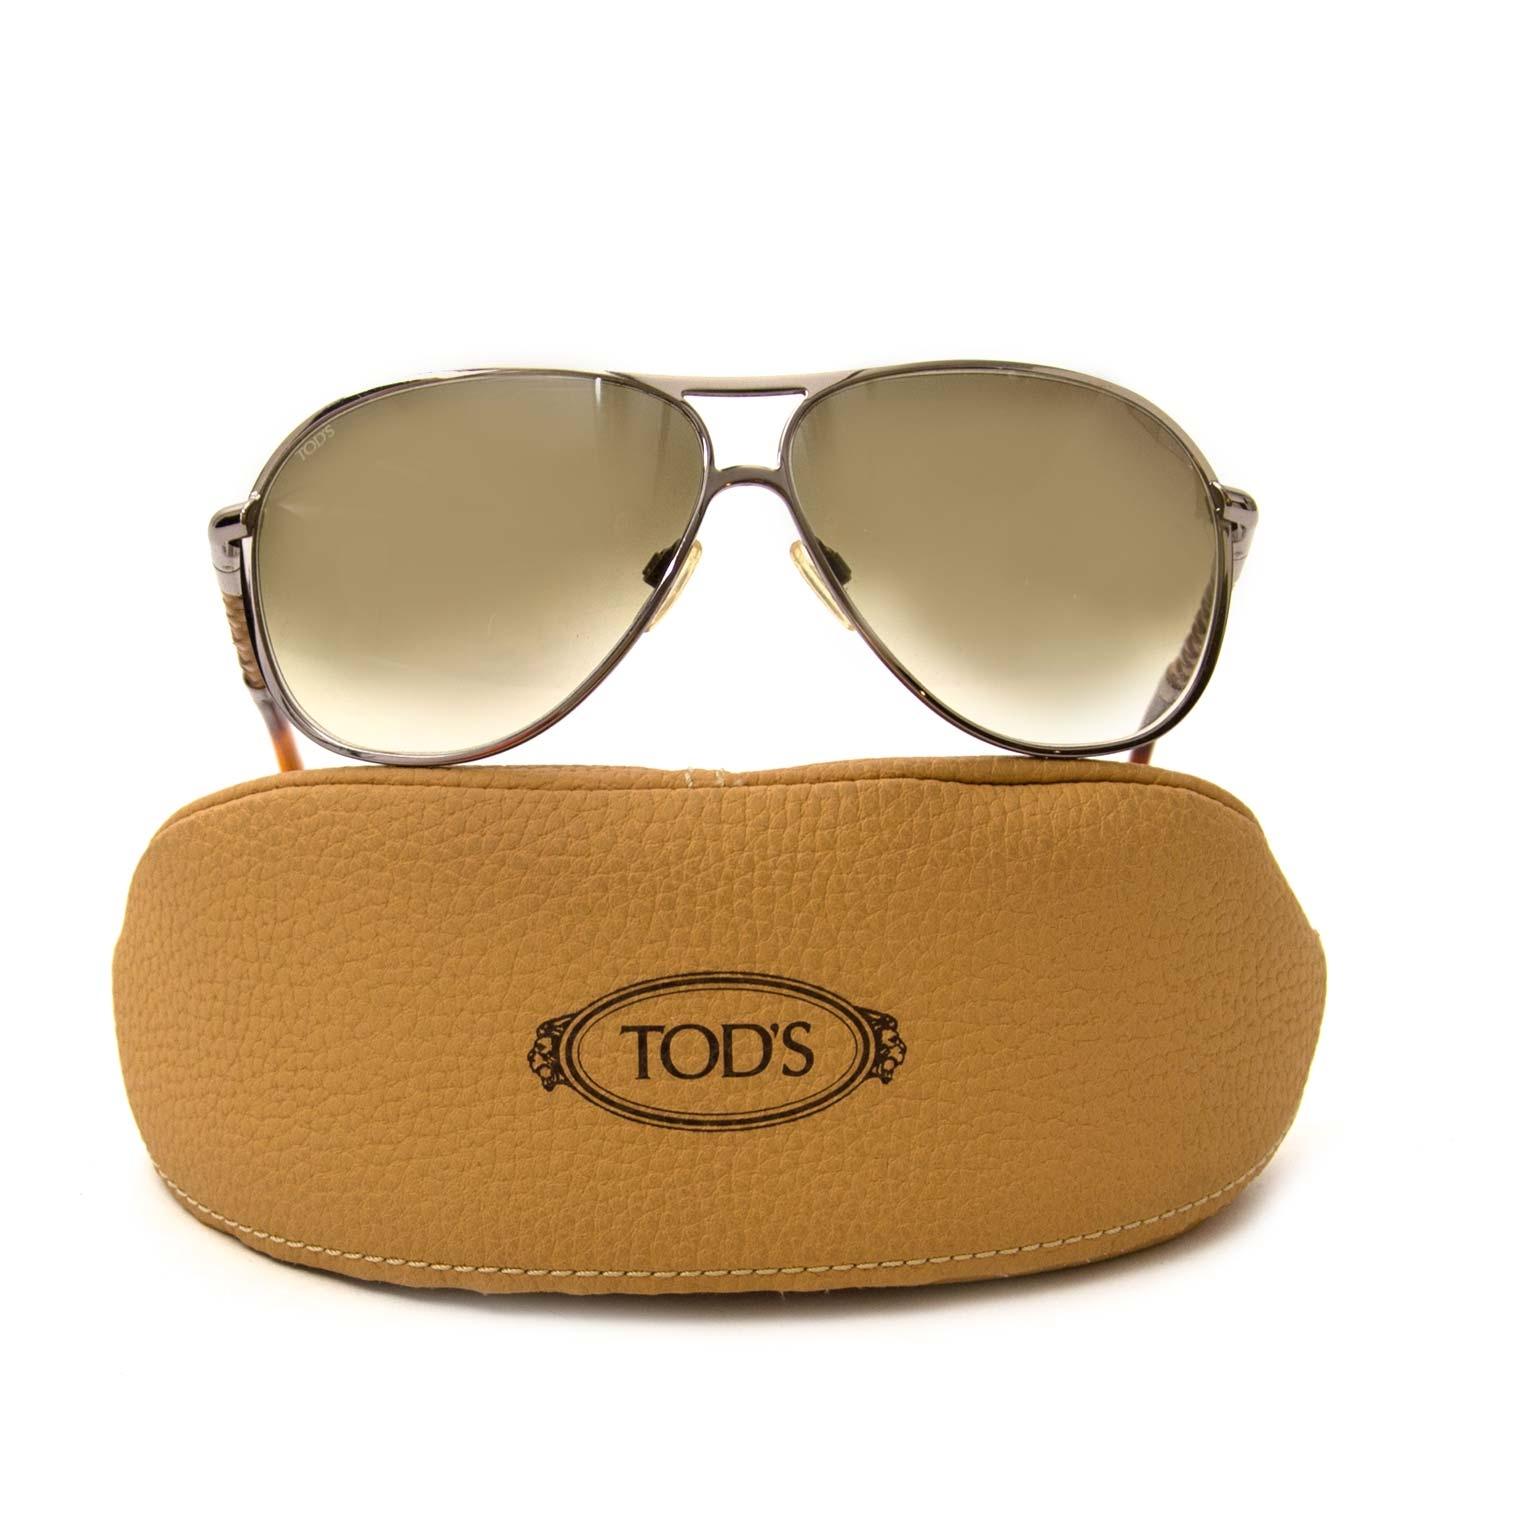 Tod's zonnebrillen nu te koop bij vintage webshop Labellov